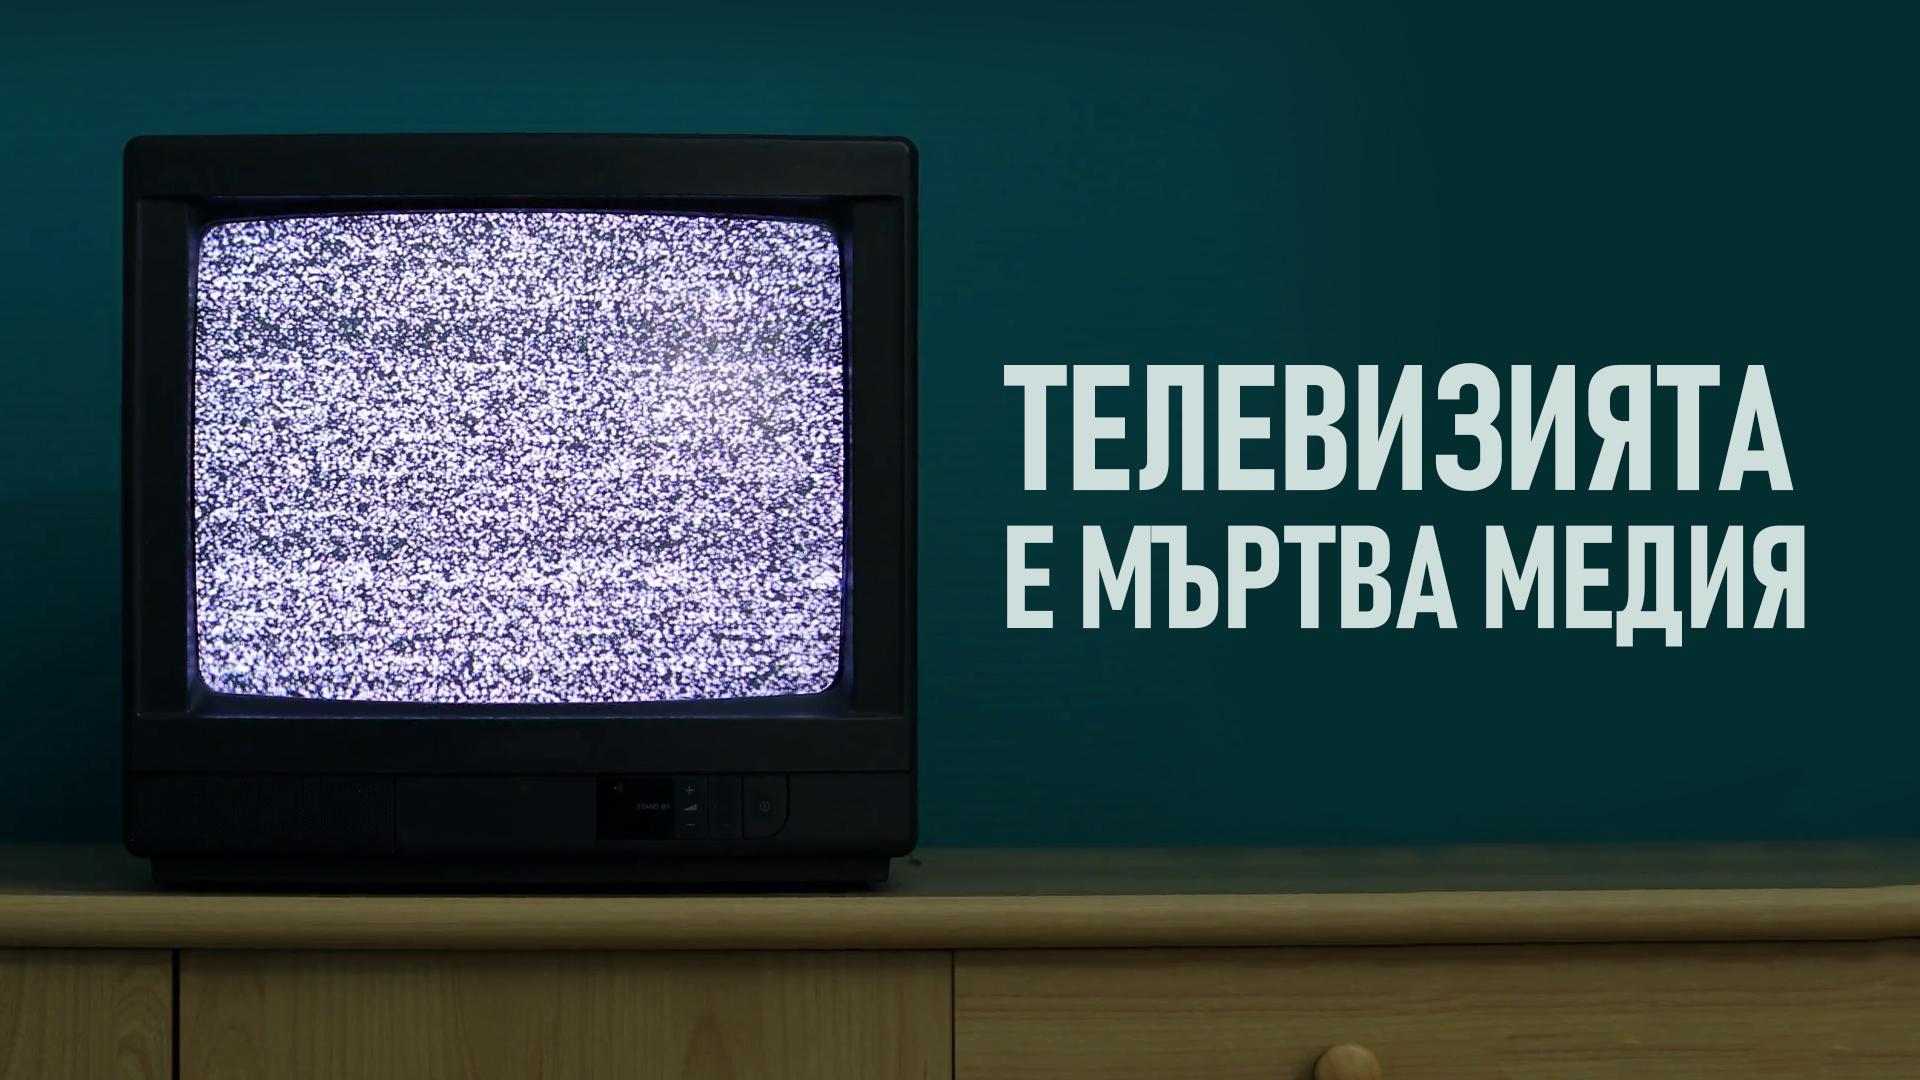 televiziyata e myrtva media